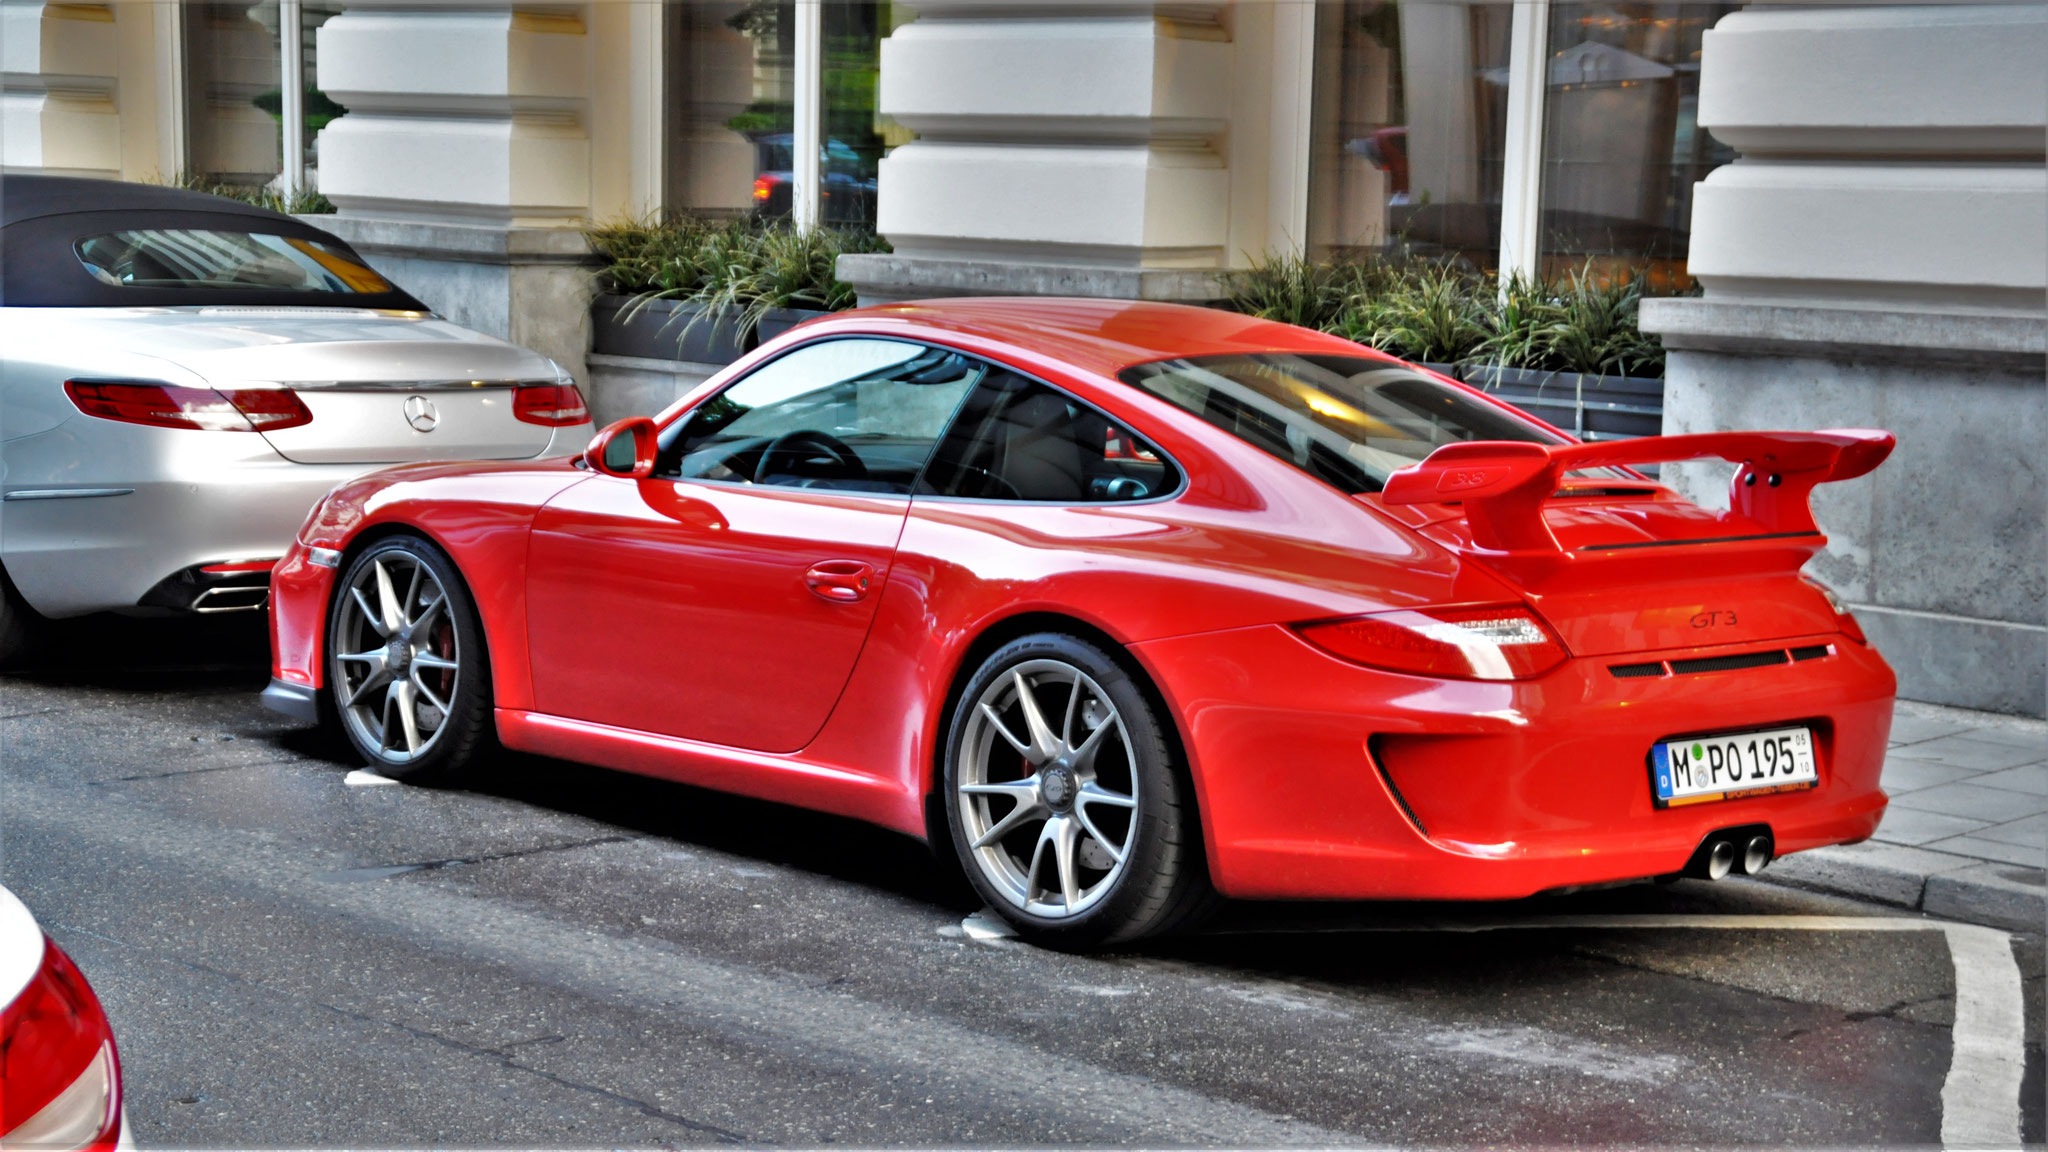 Porsche GT3 997 - M-PO-195